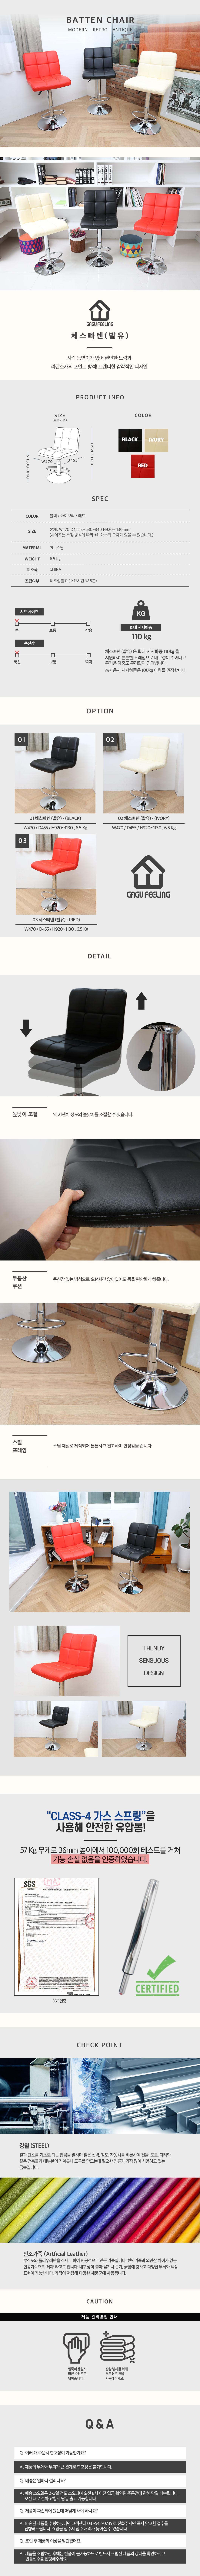 [가구느낌] 체스빠텐(발유) 아일랜드식탁 홈바 바텐의자 - 가구느낌, 41,900원, 디자인 의자, 바의자